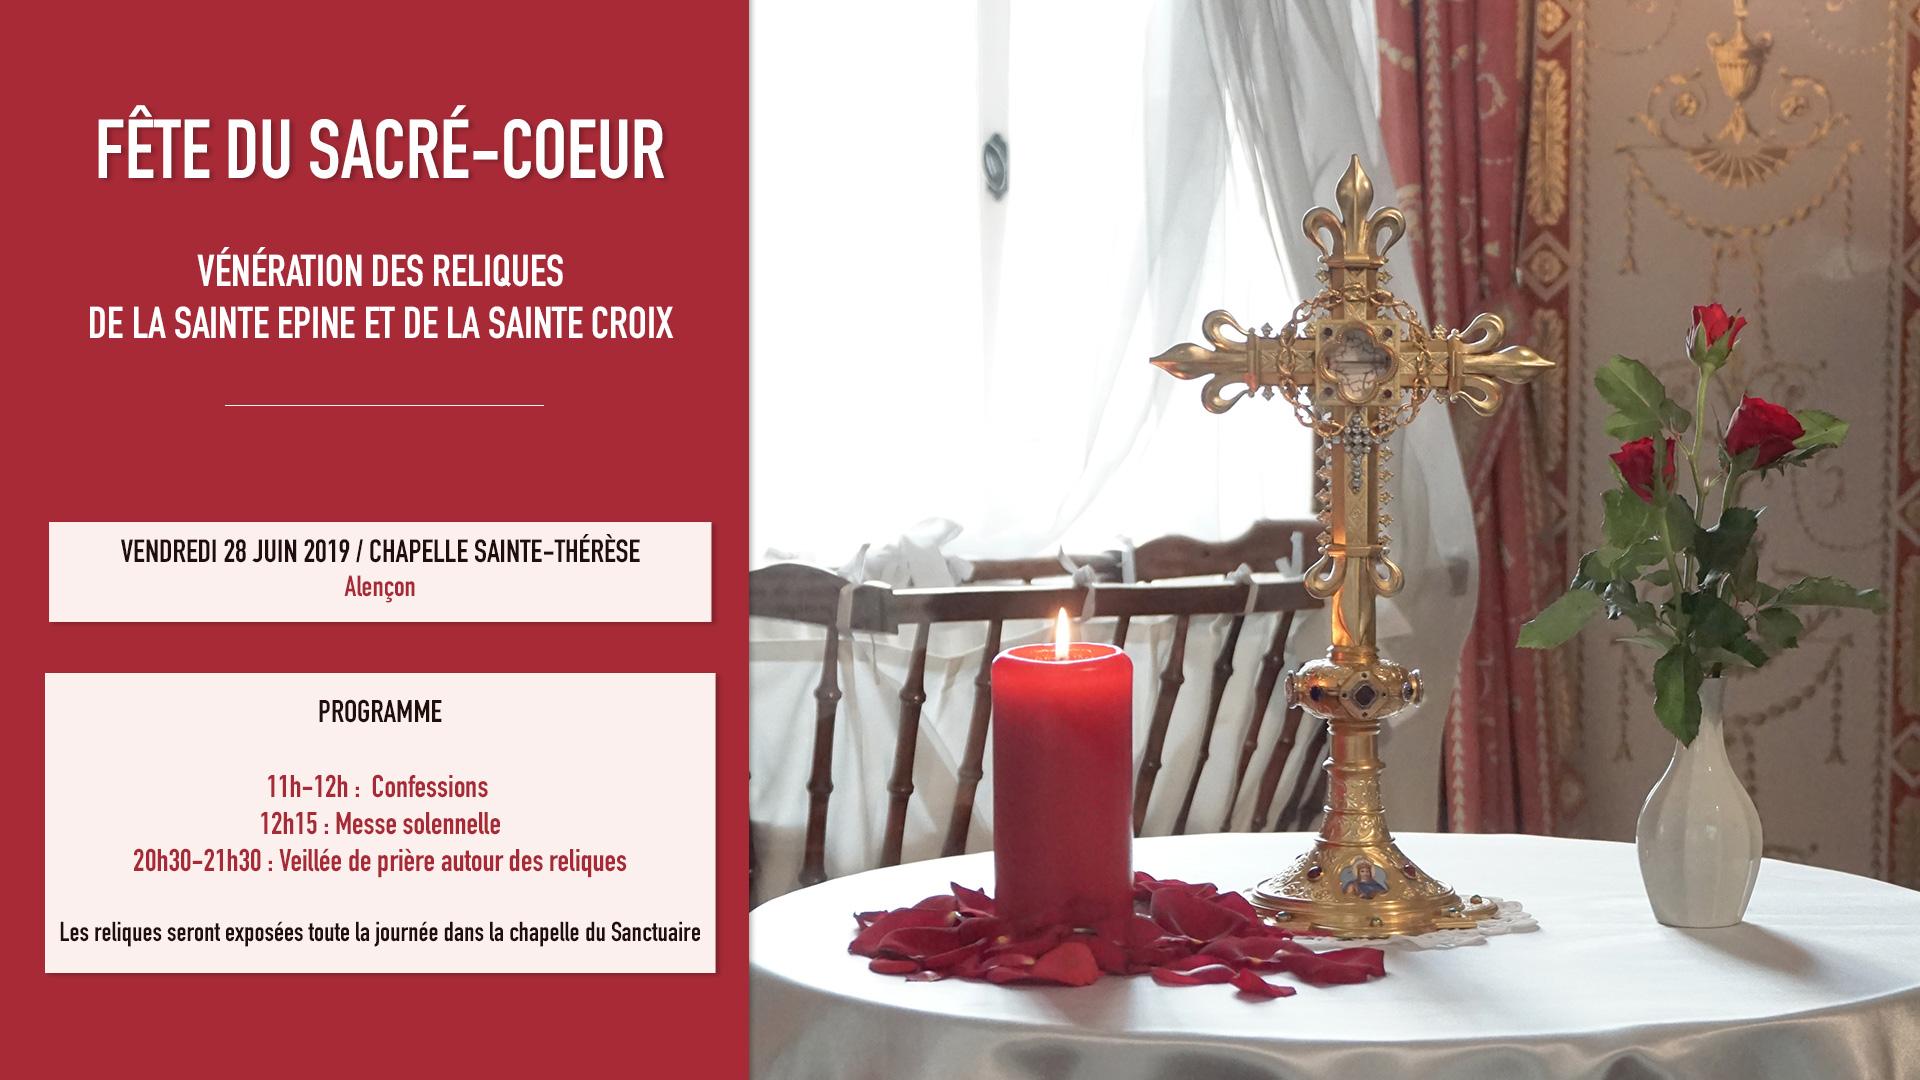 Fête du Sacré-Coeur le 28 juin 2019 à Alençon (61)